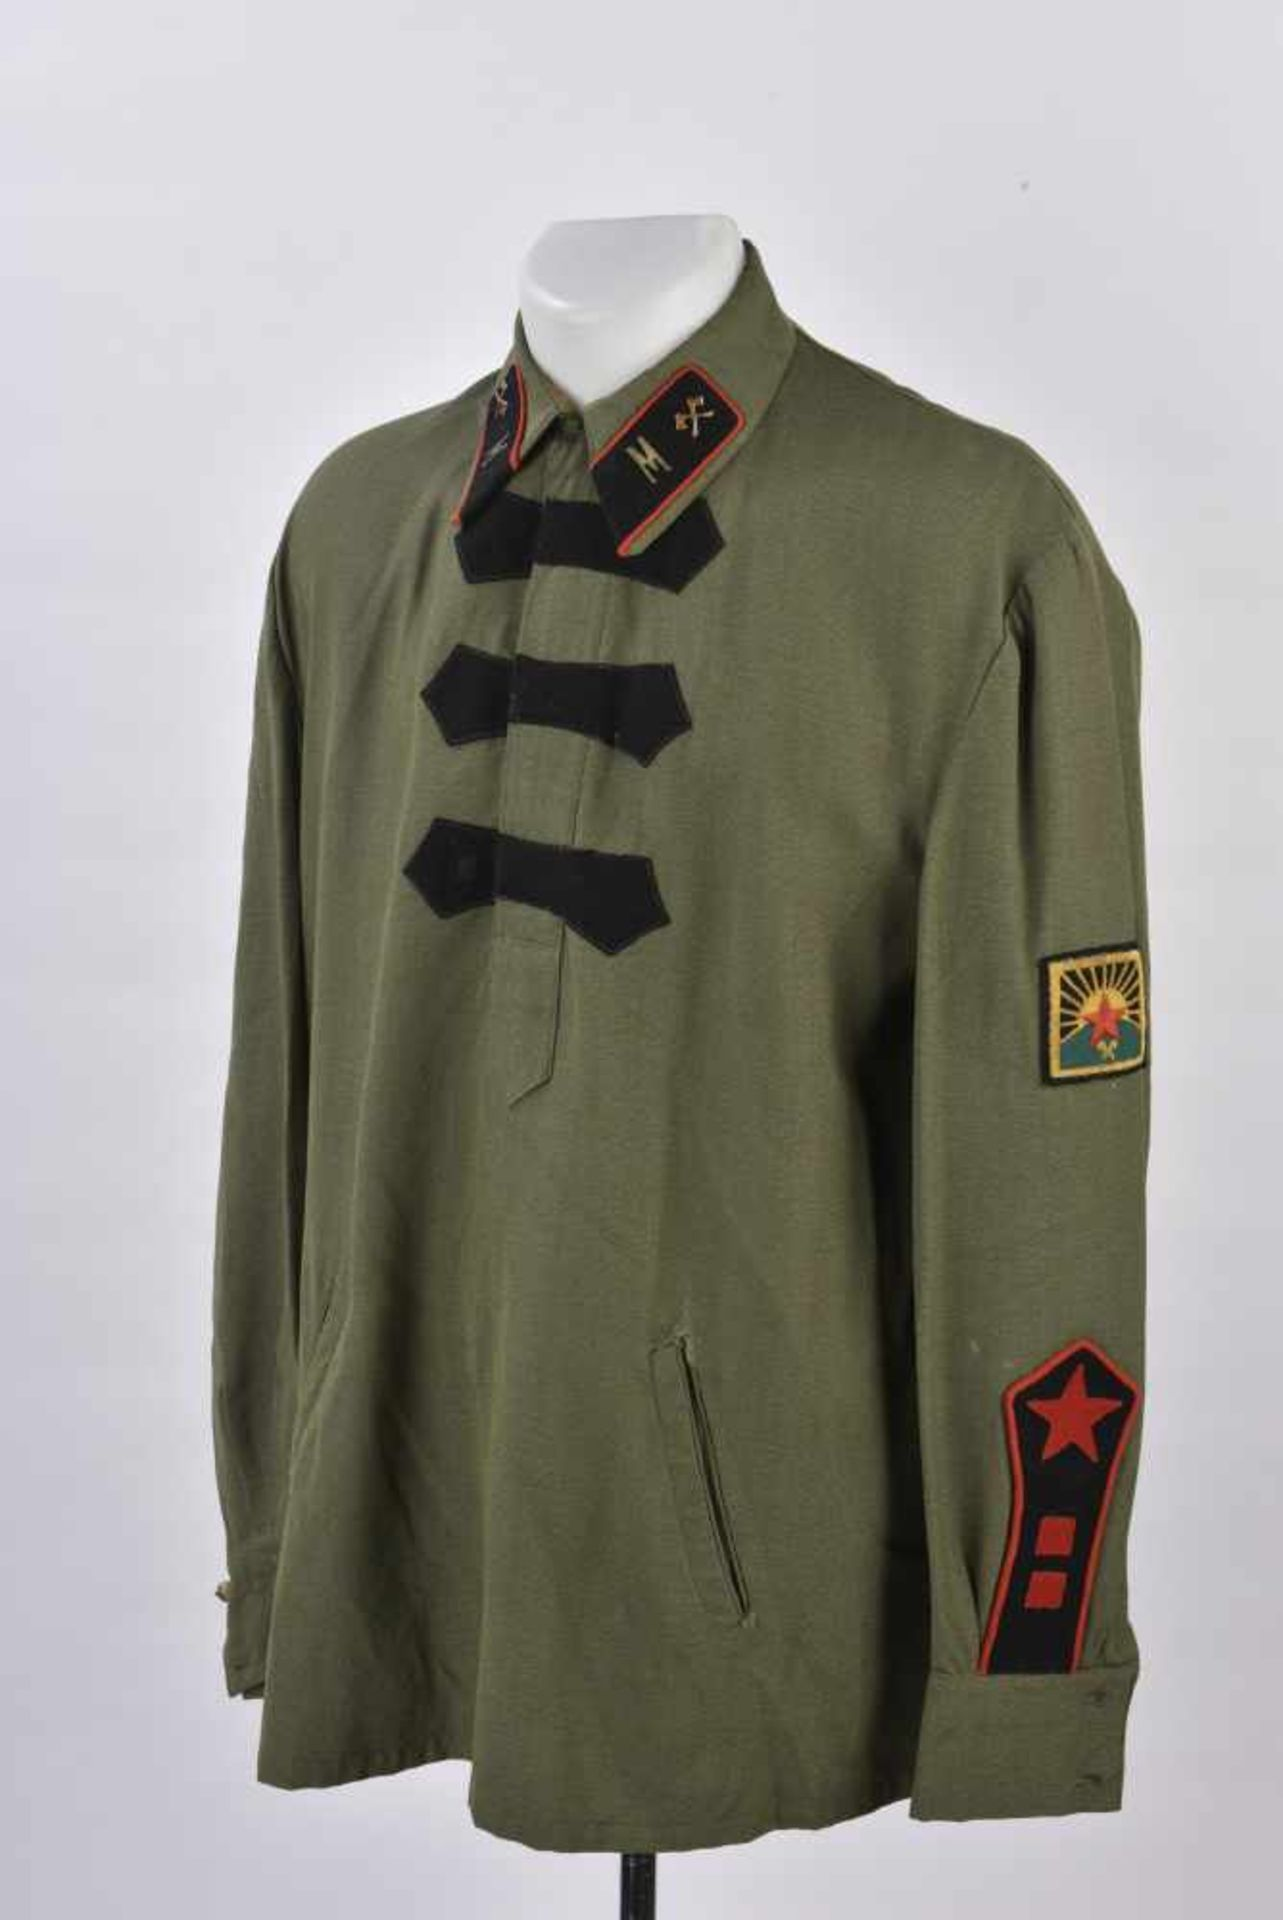 Gymnasterka M.22 pionniers en toile verte, avec ses pattes de col, parements de poitrine, insigne de